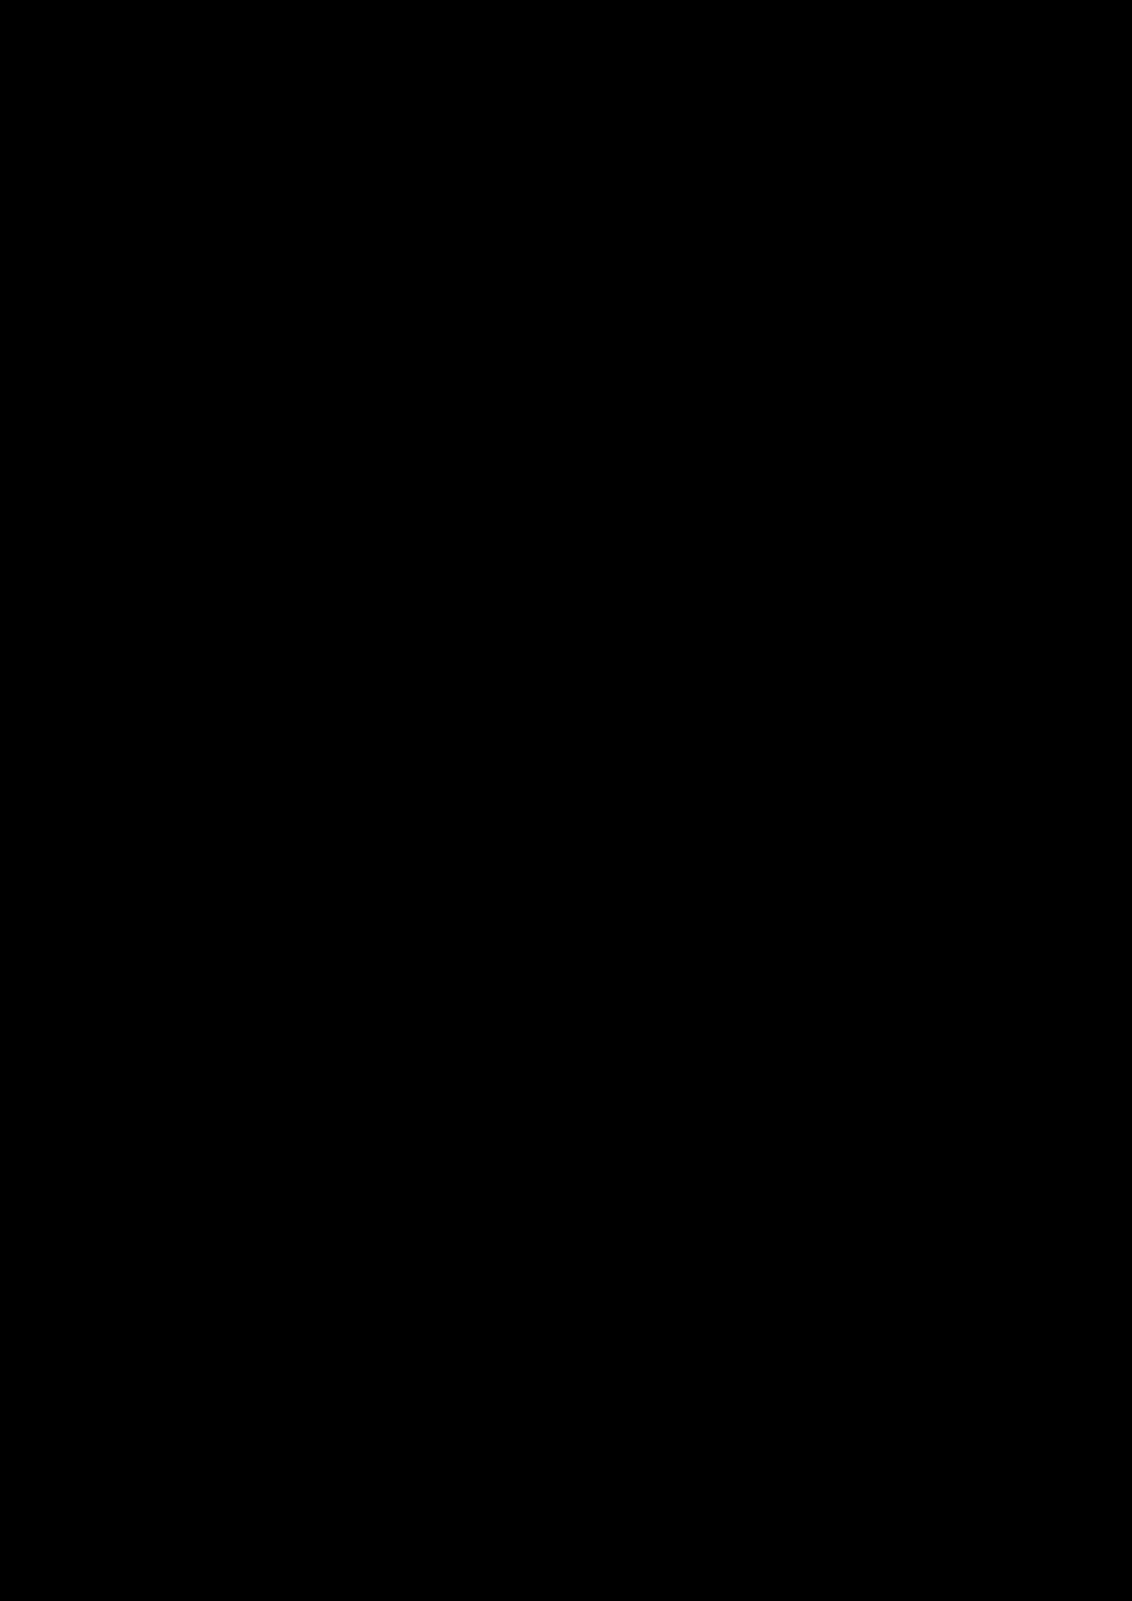 Zagadka volshebnoy stranyi slide, Image 82